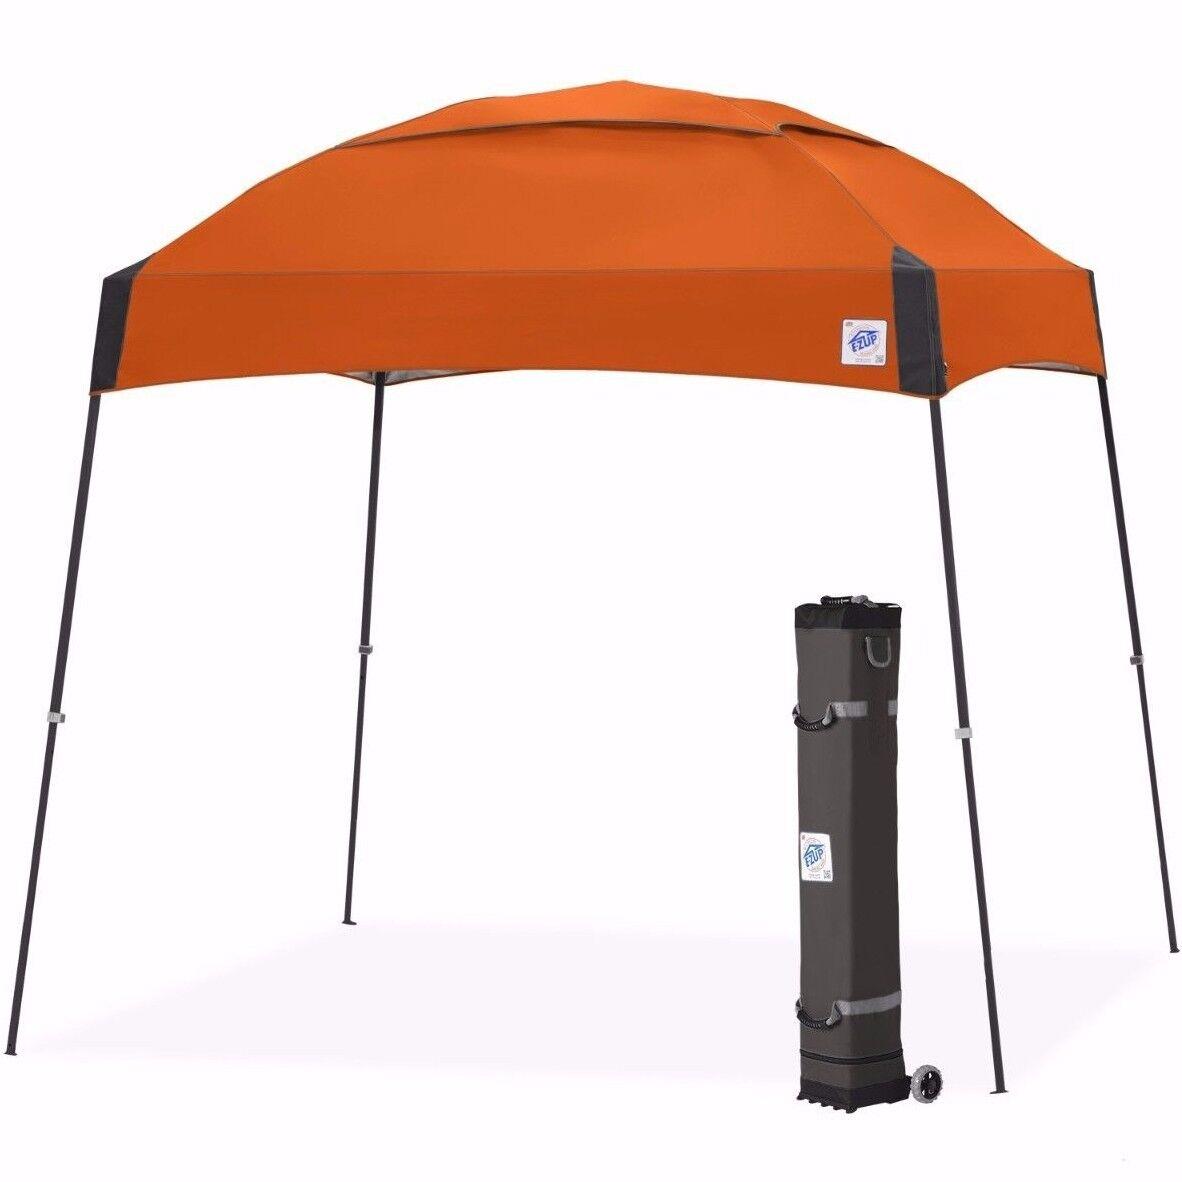 E-Z UP Dôme Instantanée Shelter 10'x10' Auvent Pop Up Tente ventilé-Acier Orange